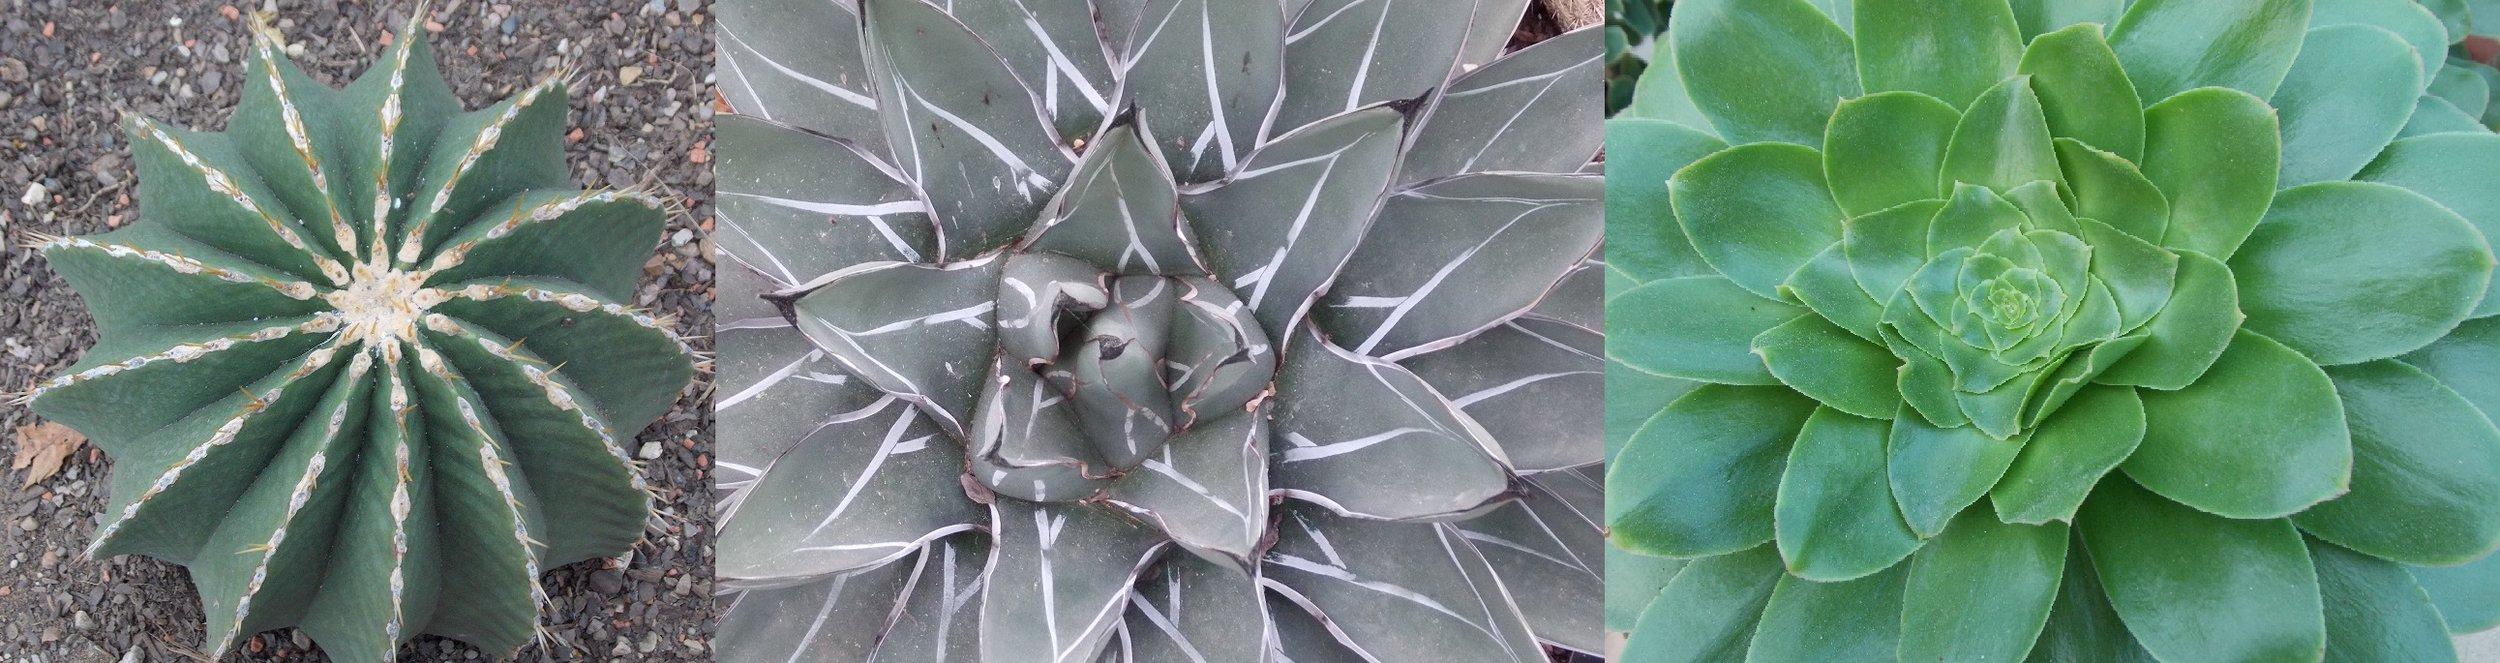 Fibonacci spirals spotted at Kew Gardens